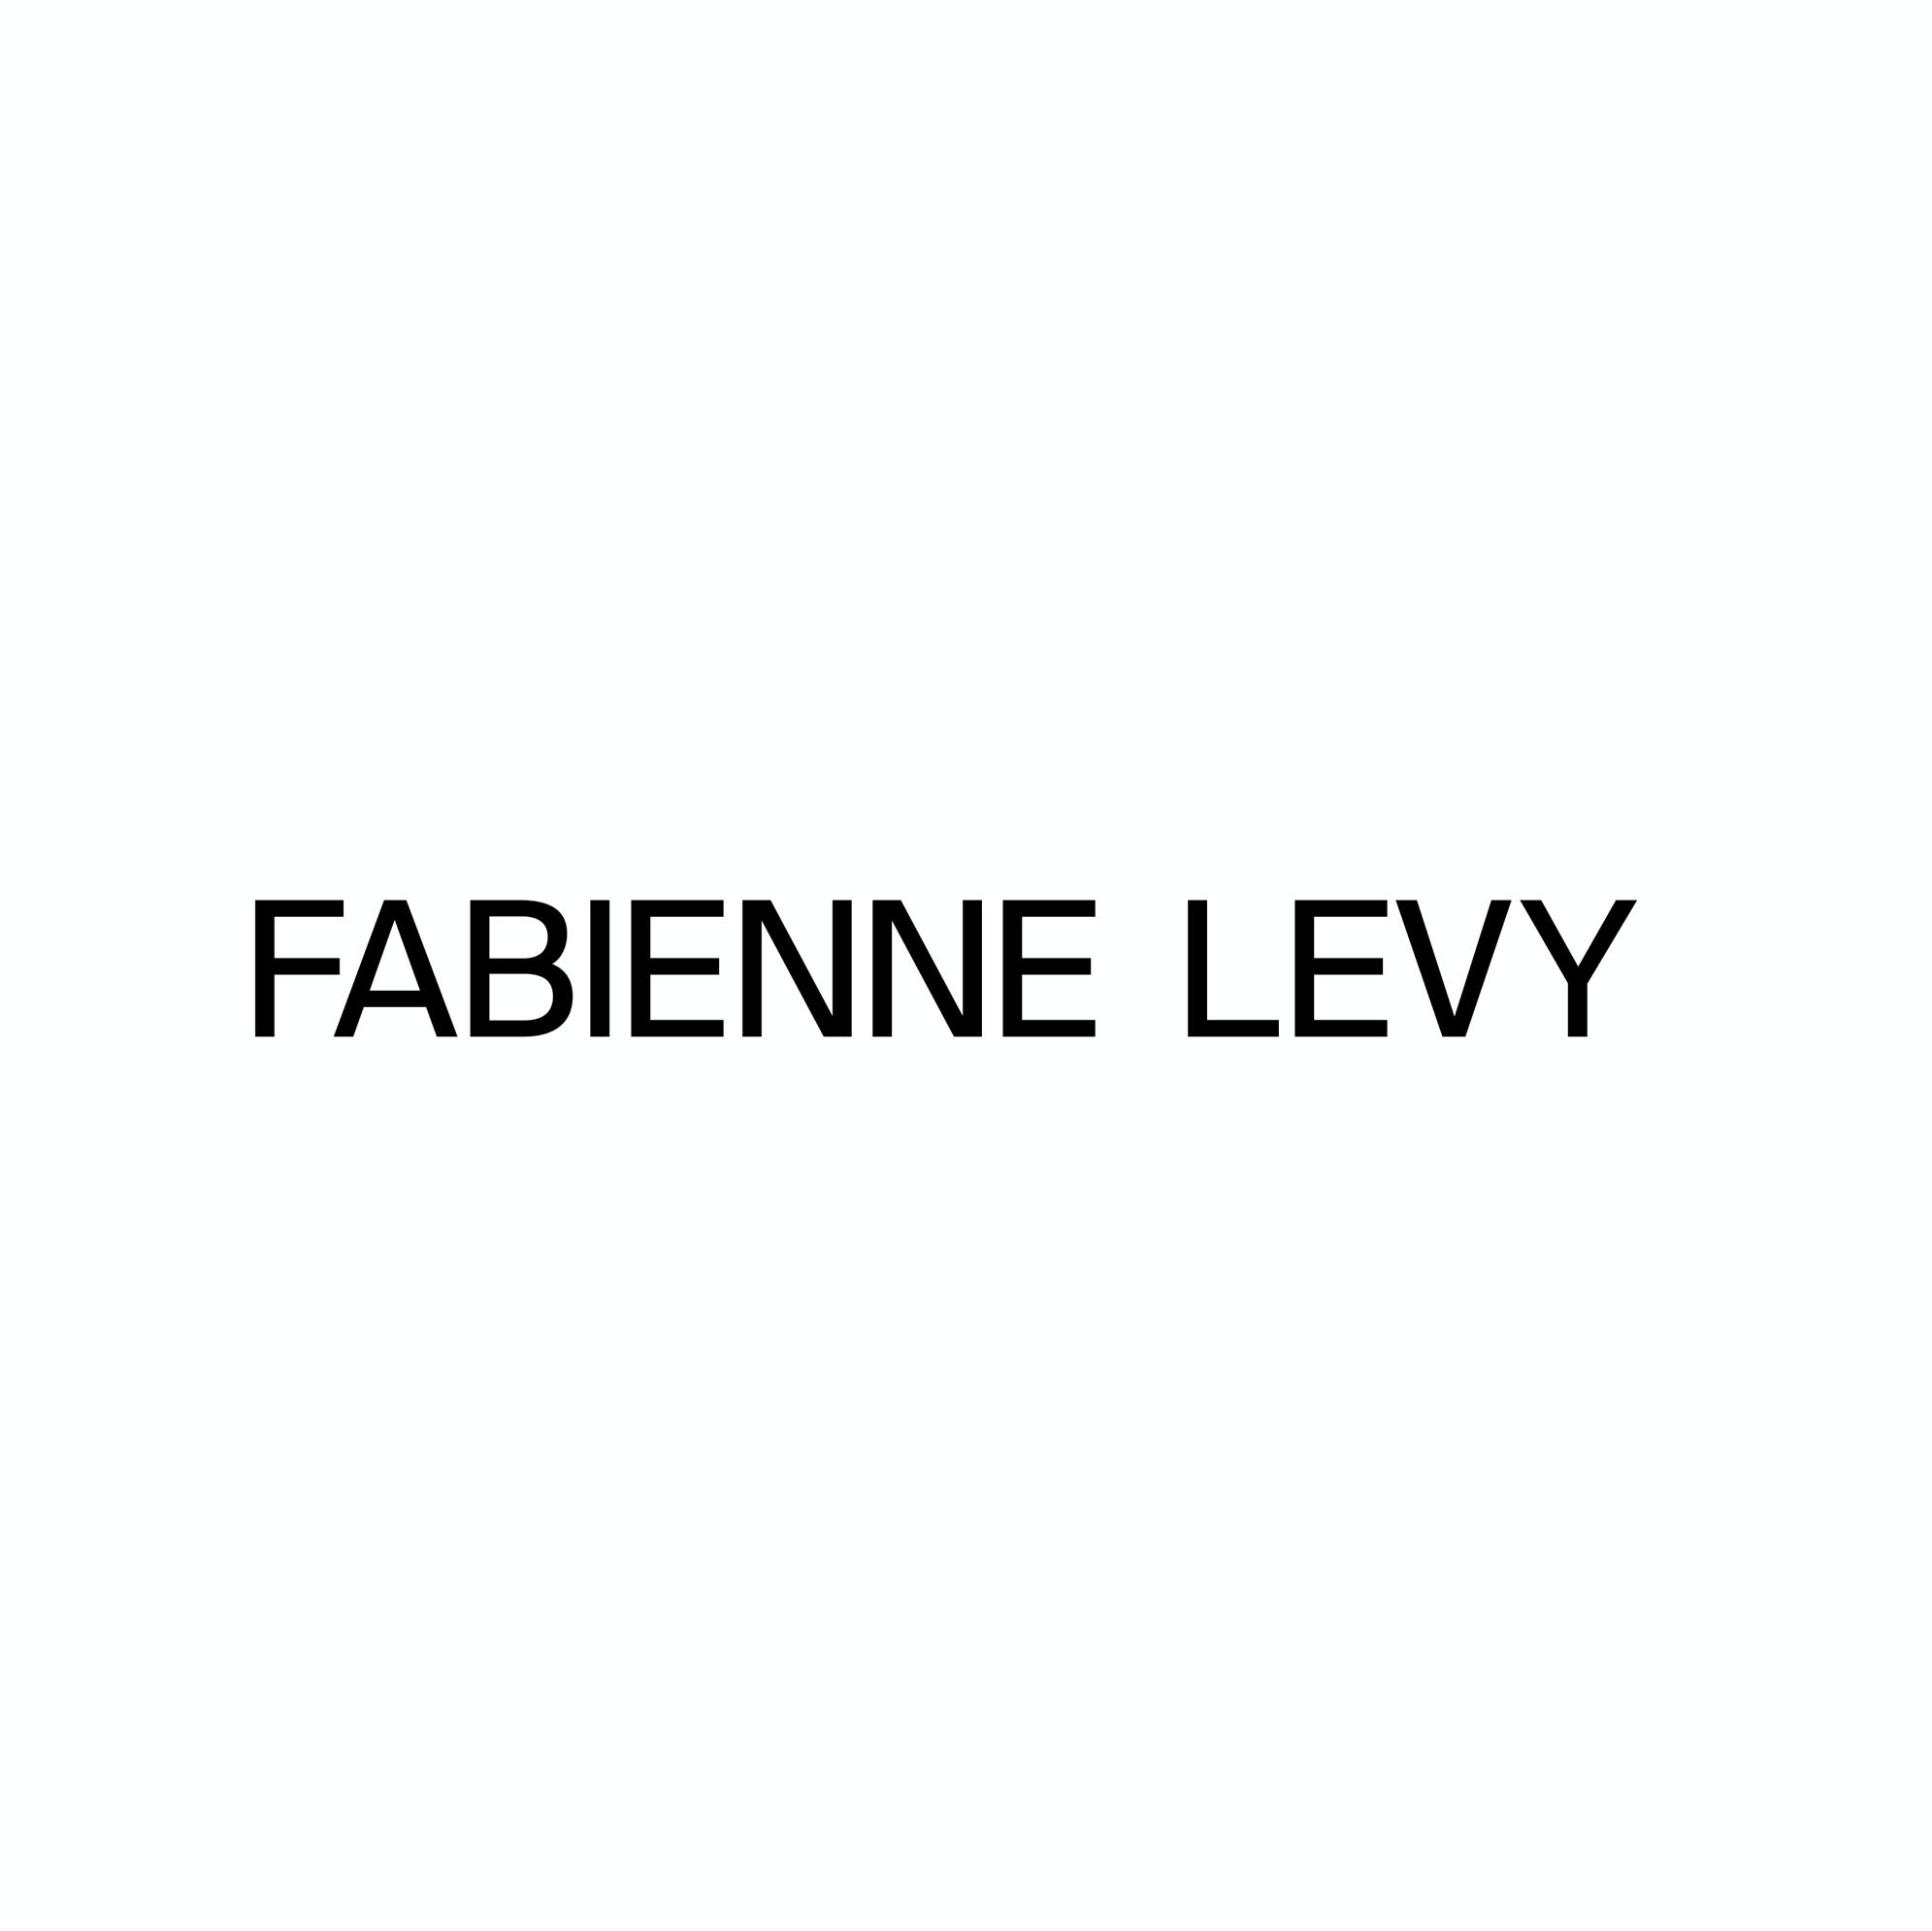 Fabienne Levy